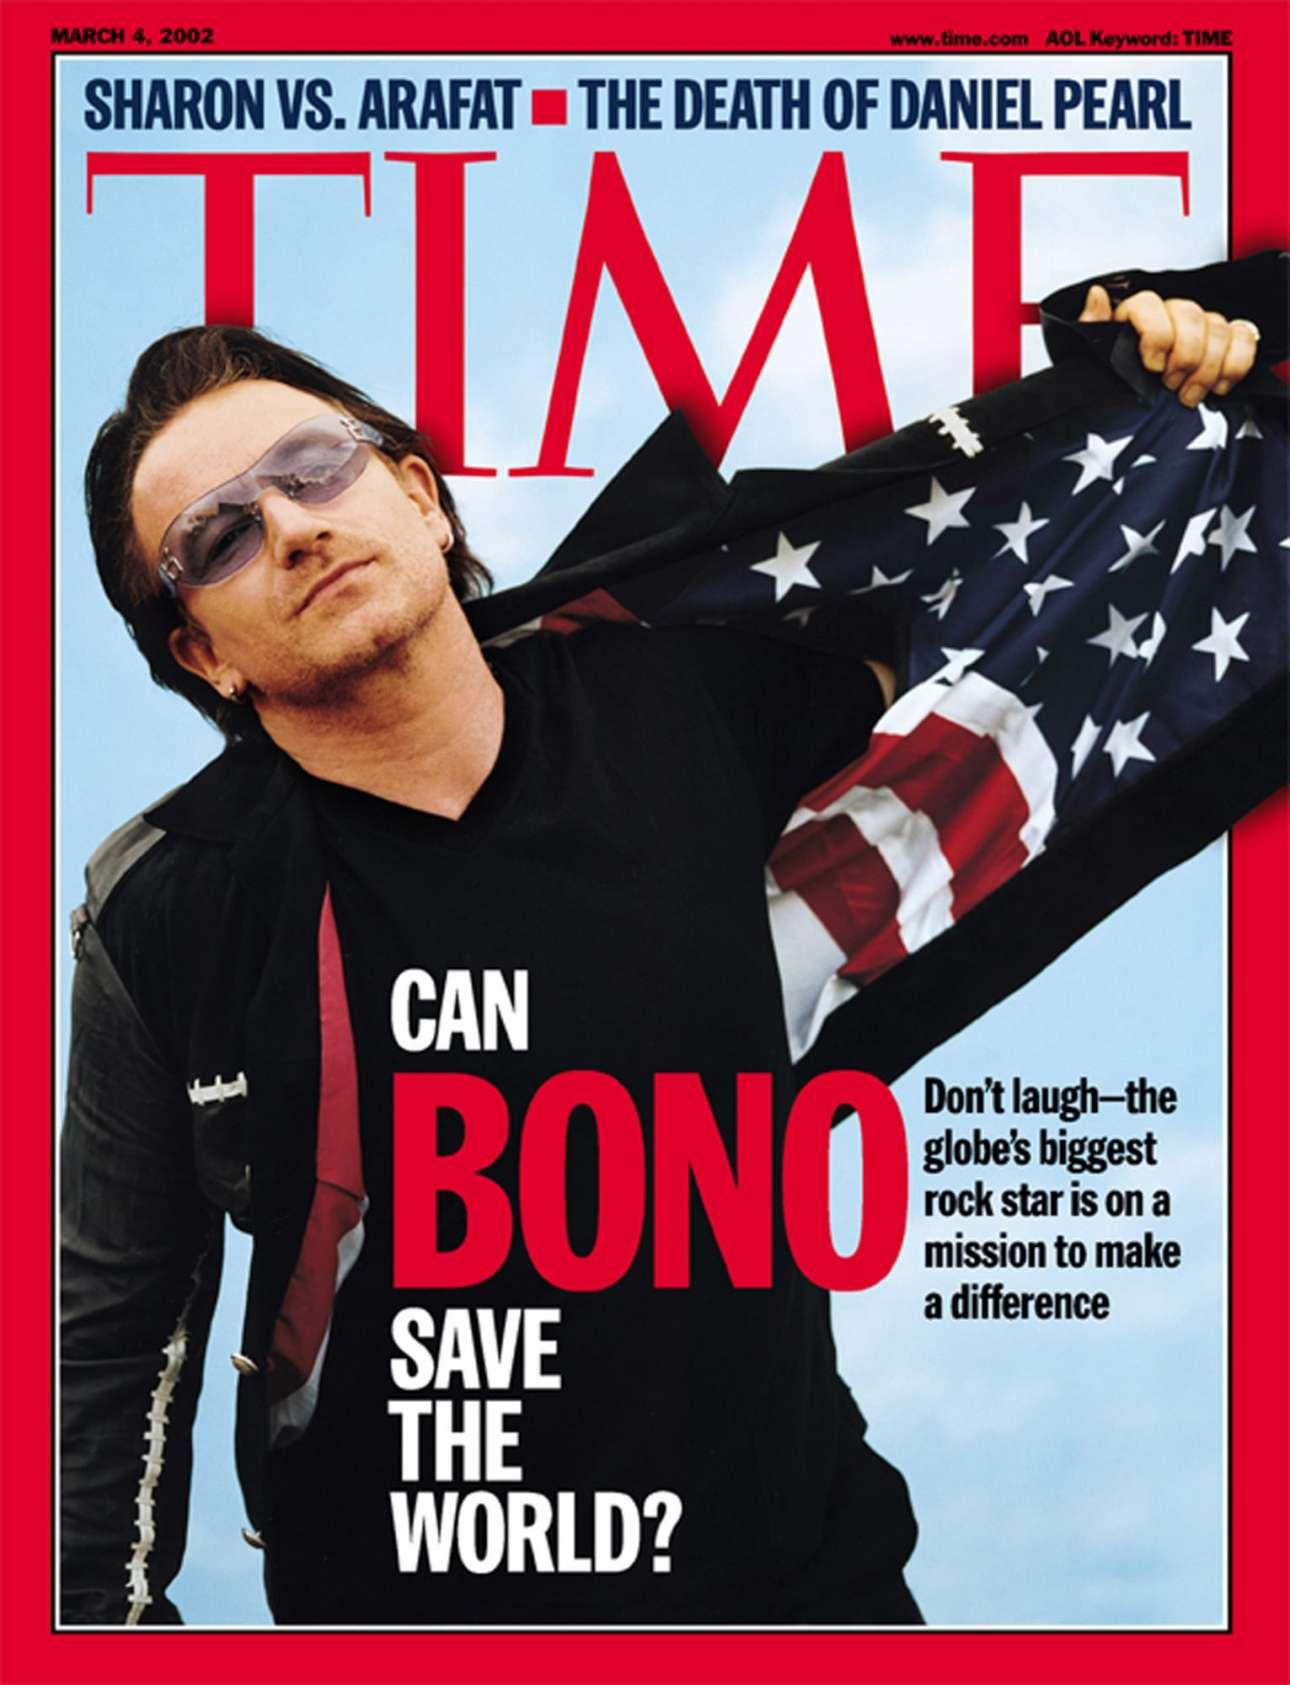 Προκλητικό το ερώτημα που έβαλε το περιοδικό στις 4 Μαρτίου 2002: «Μπορεί ο Μπόνο να σώσει τον κόσμο;» Ακόμη δεν υπάρχει απάντηση, αλλά πάντως, το περιοδικό μάς συστήνει να μην γελάσουμε με το ερώτημα